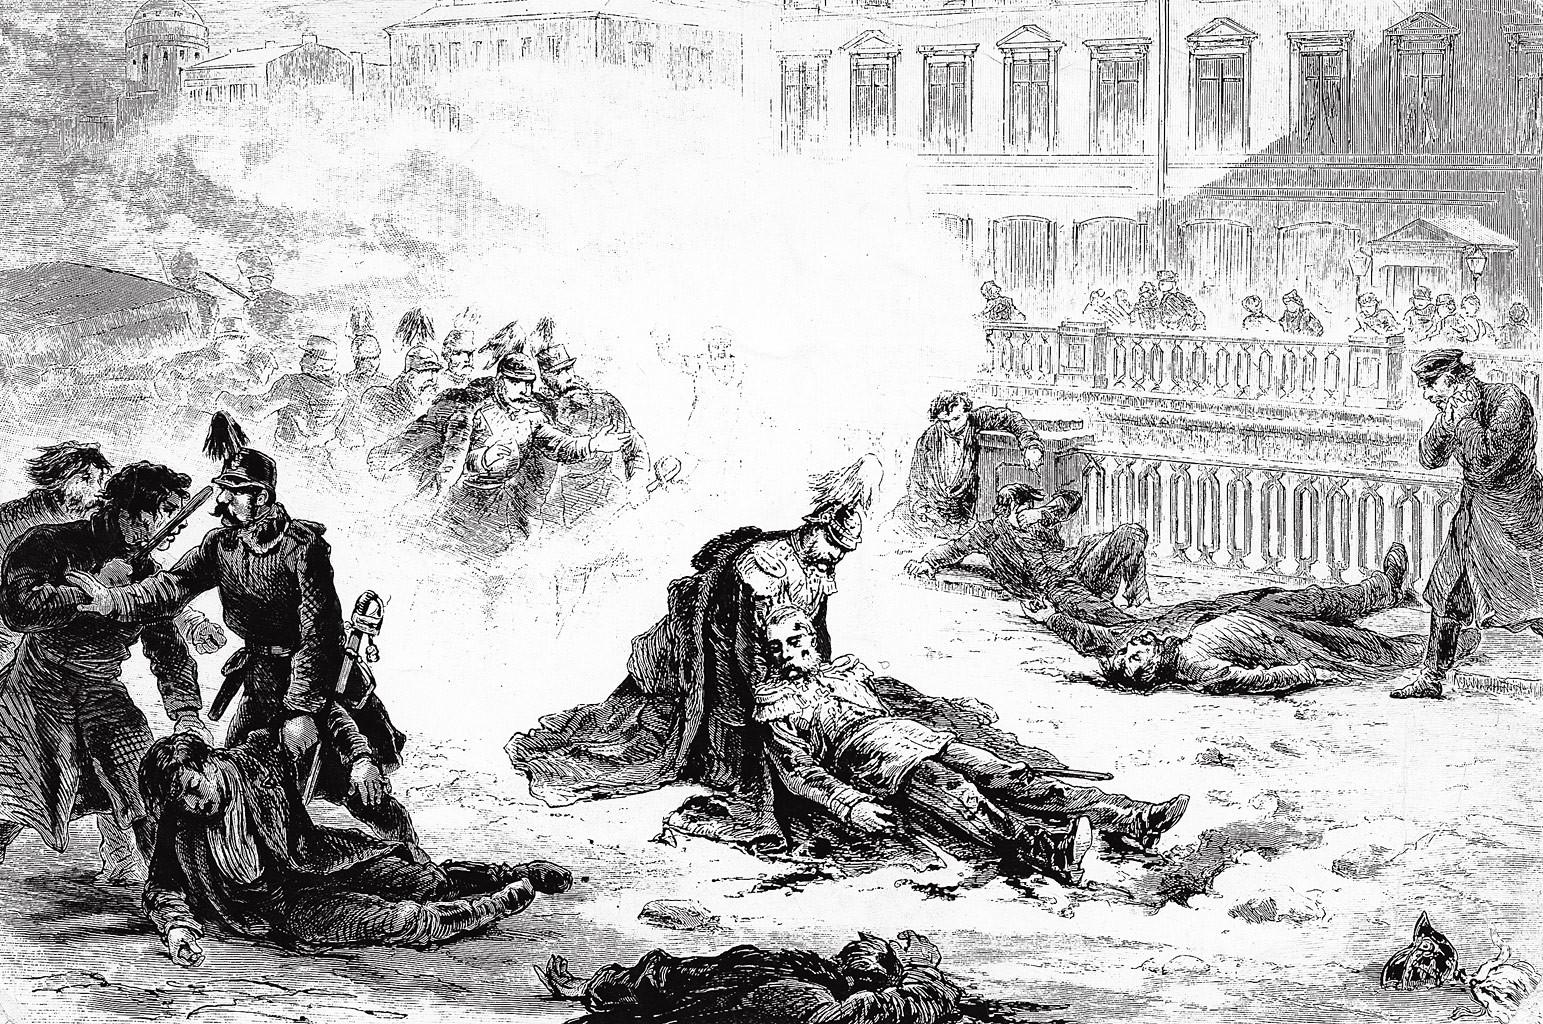 Die Ermordung Alexanders II. von Russland 1881